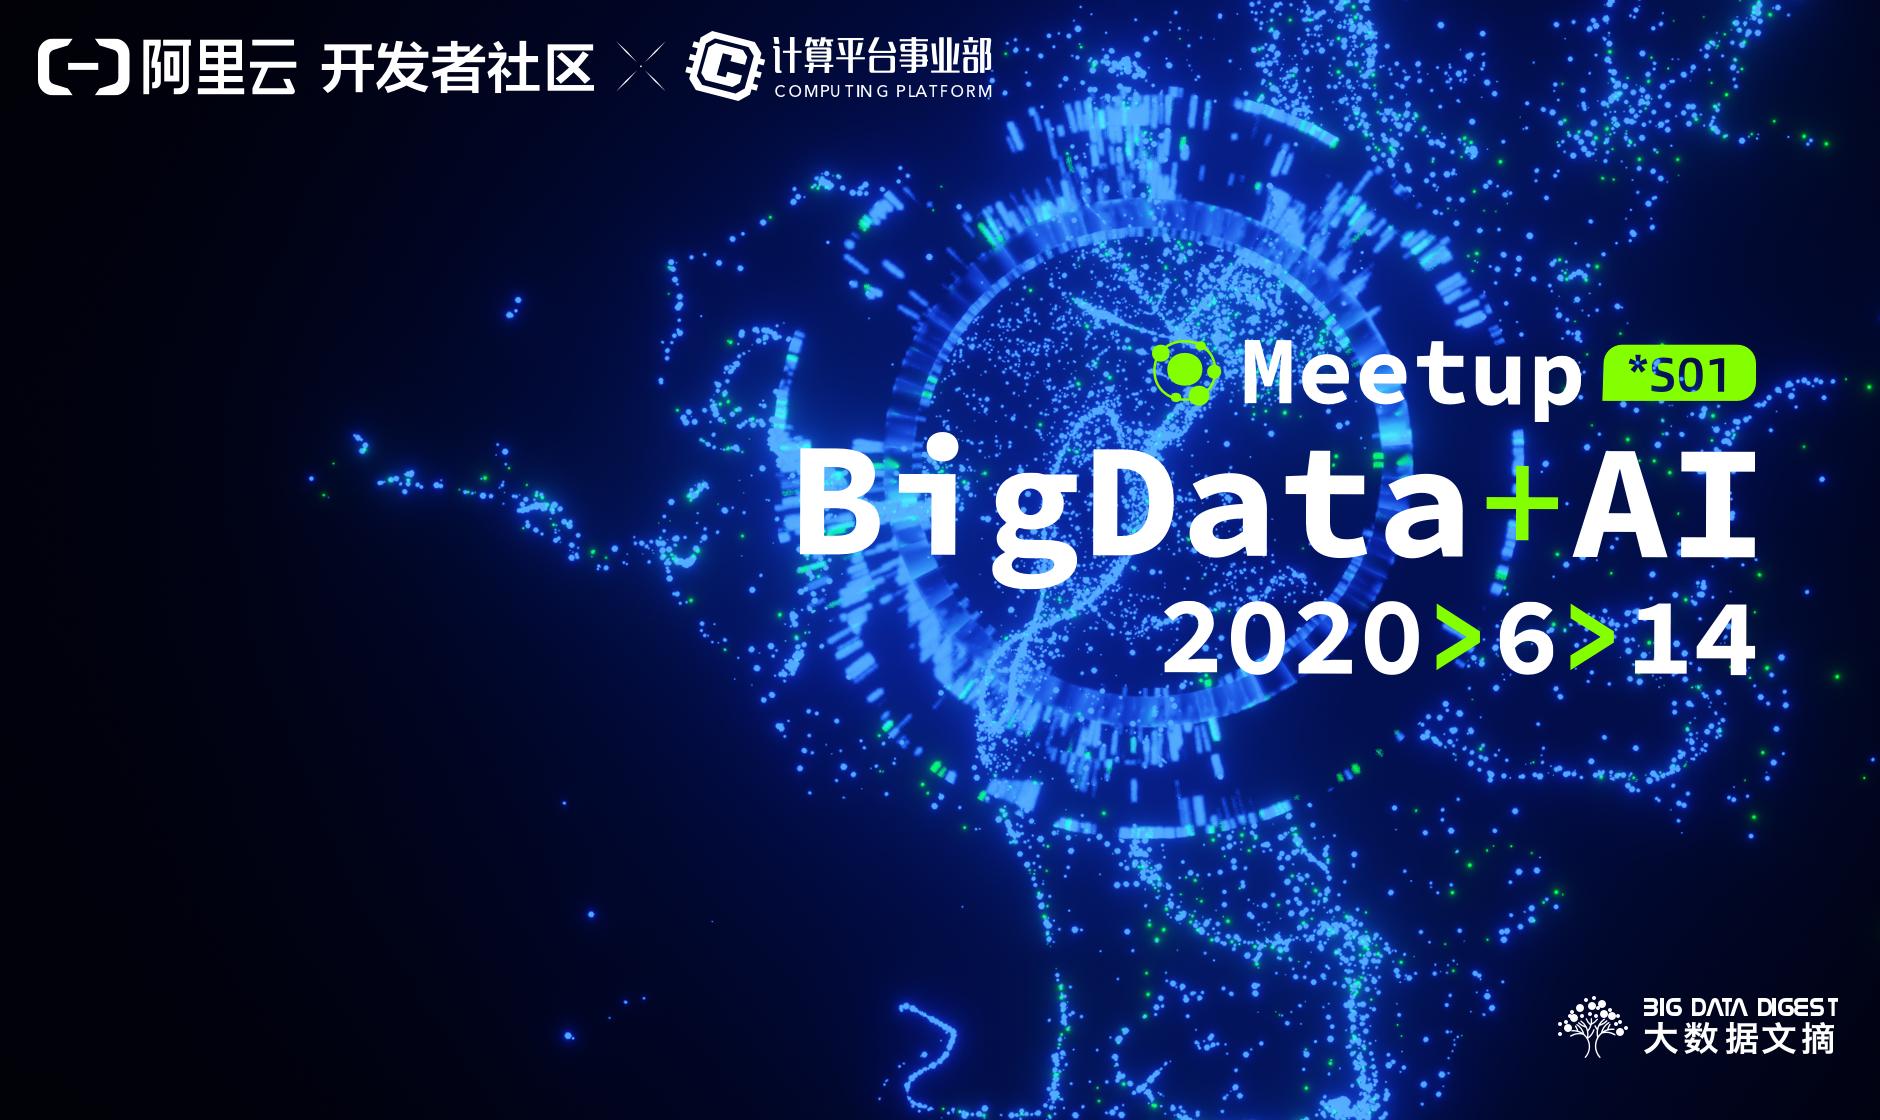 这场大数据+AI Meetup,一次性安排了大数据当下热门话题